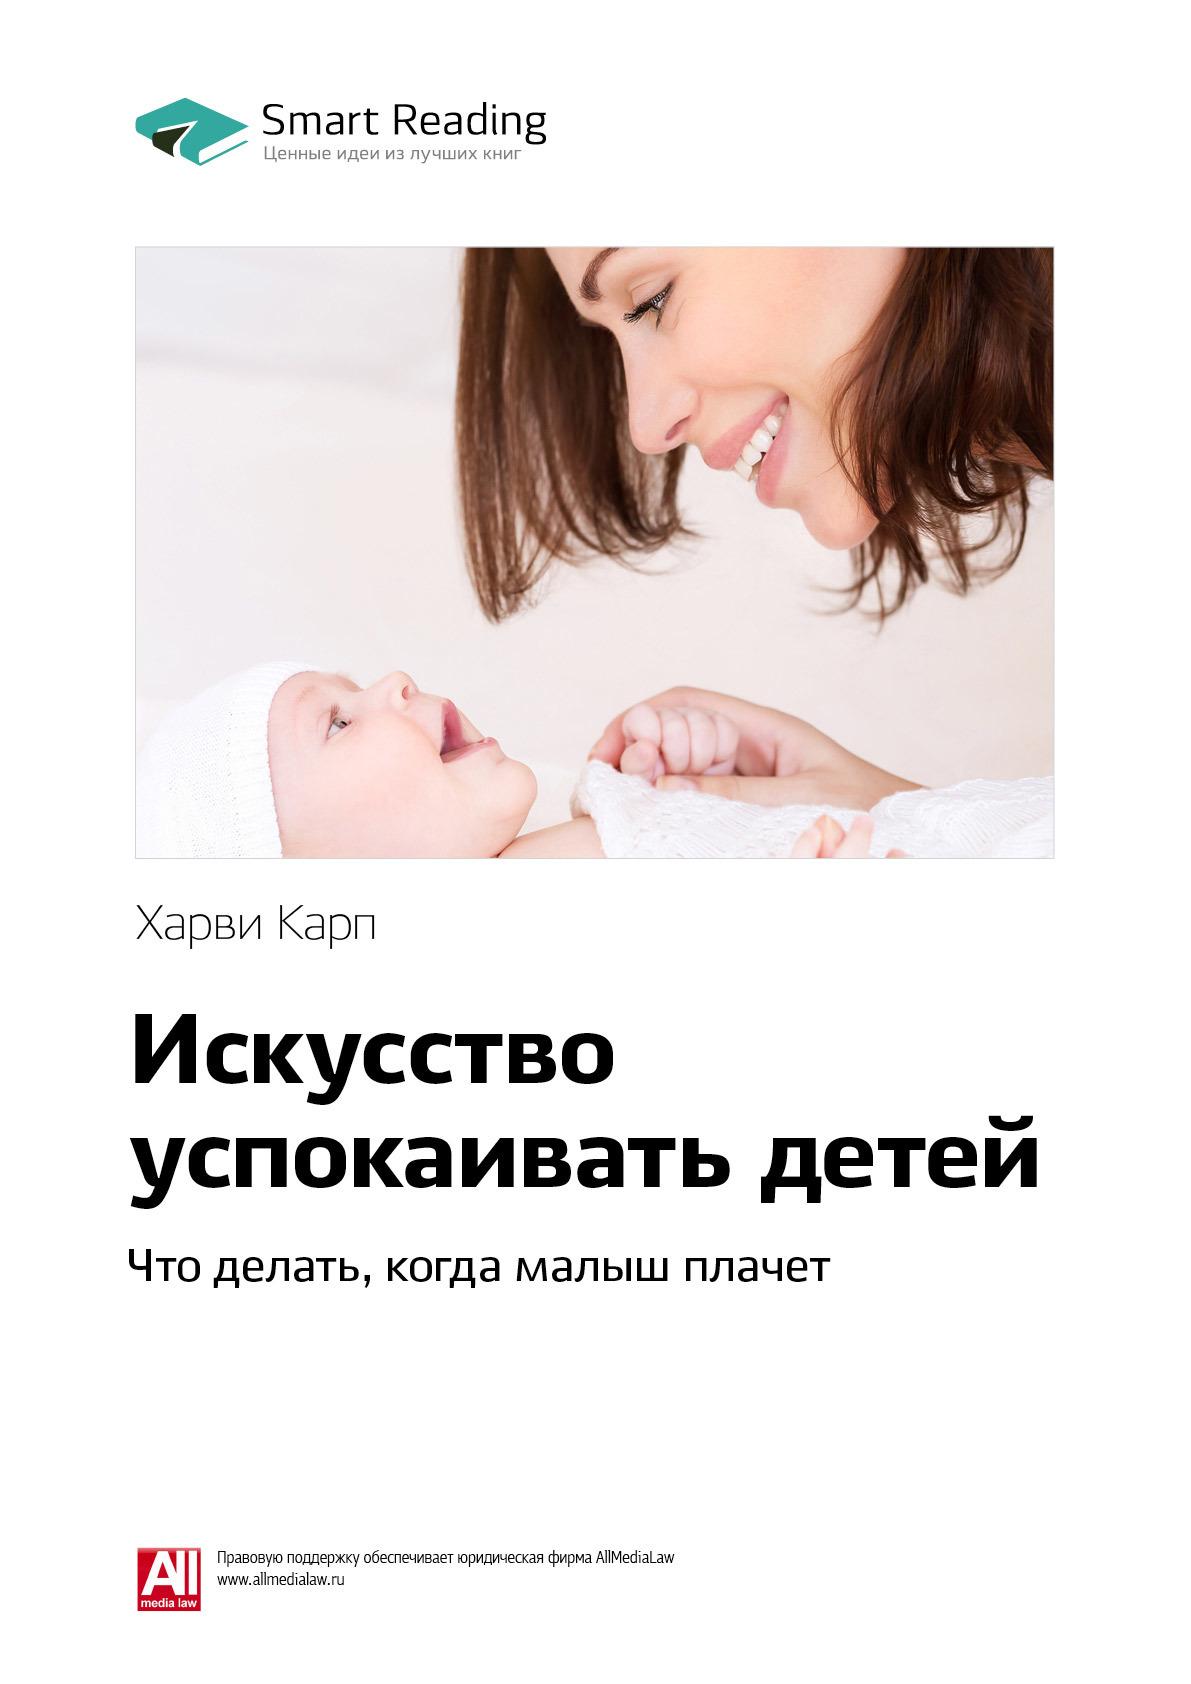 Как успокоить малыша: используем метод харви карпа